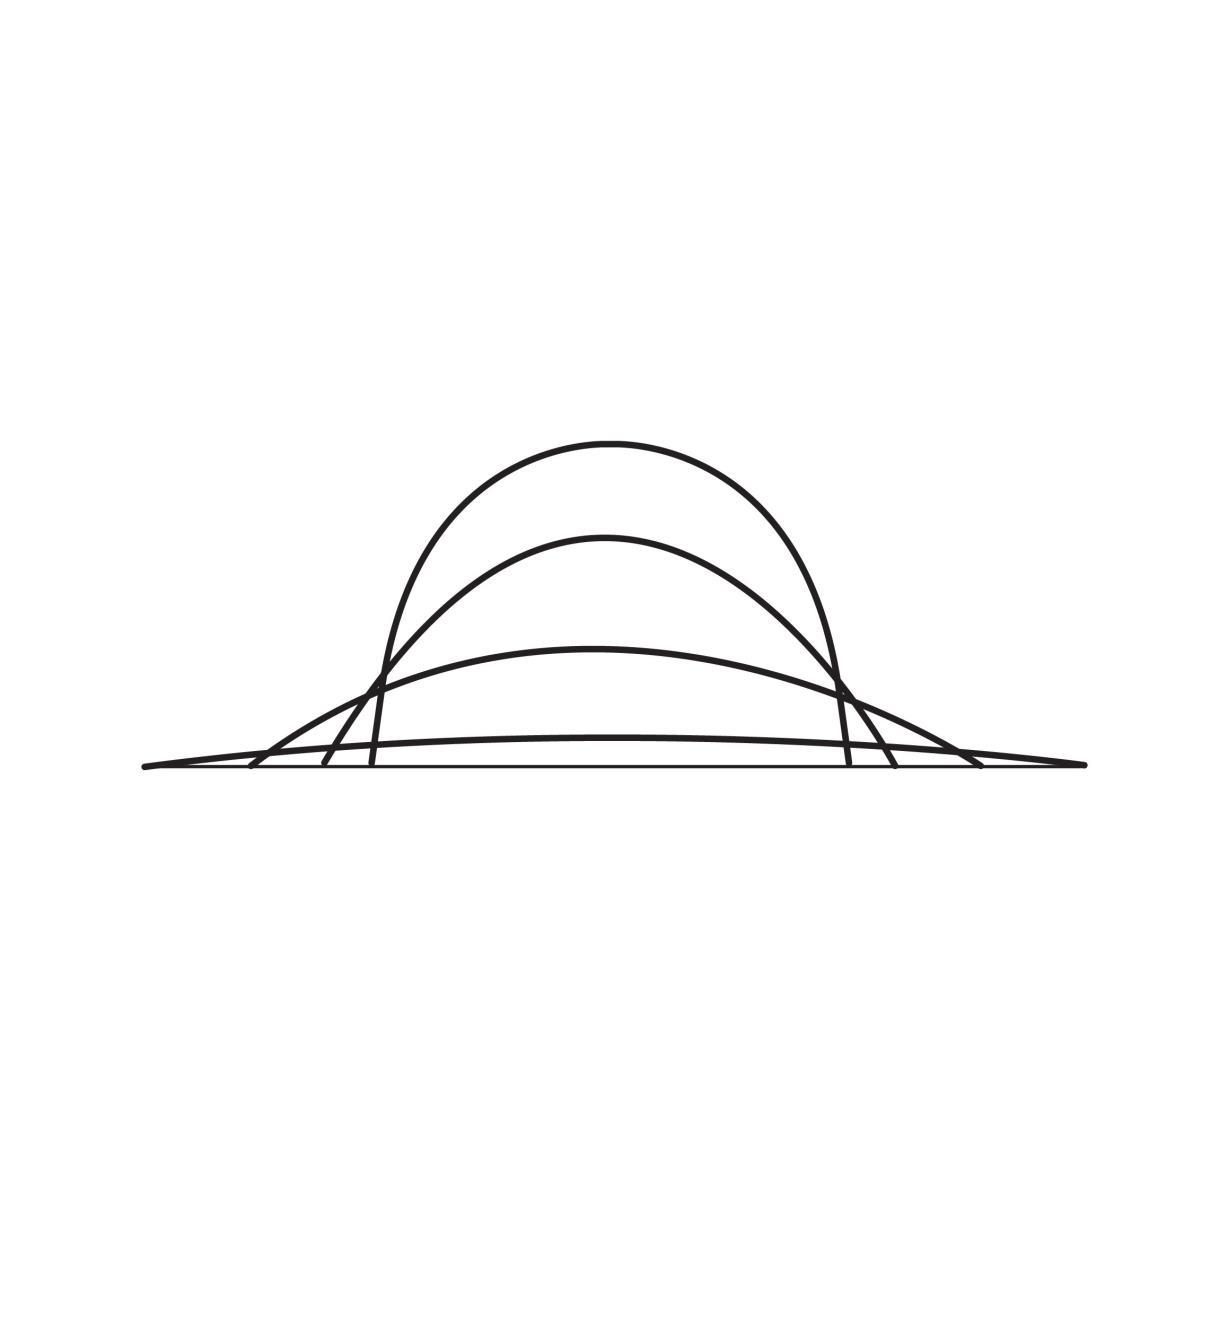 05N5501 - Arc de dessin symétrique